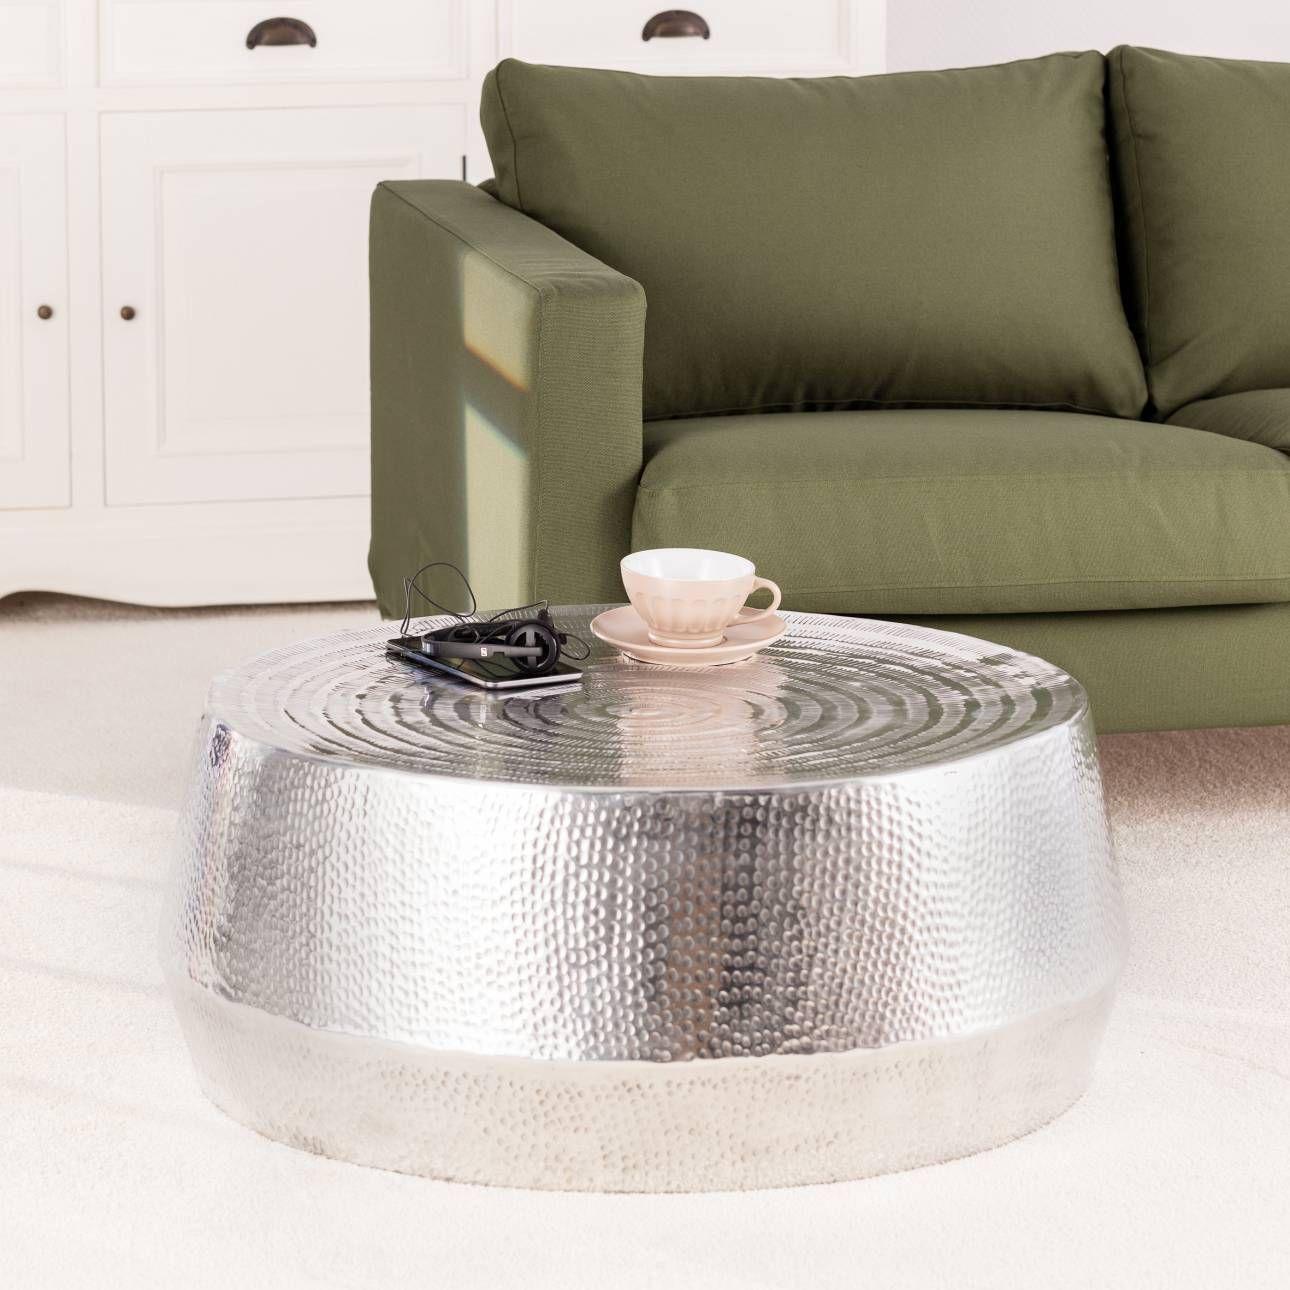 wohnzimmer silber, der bauchige #tisch in #silber macht sich #glänzend im wohnzimmer, Design ideen